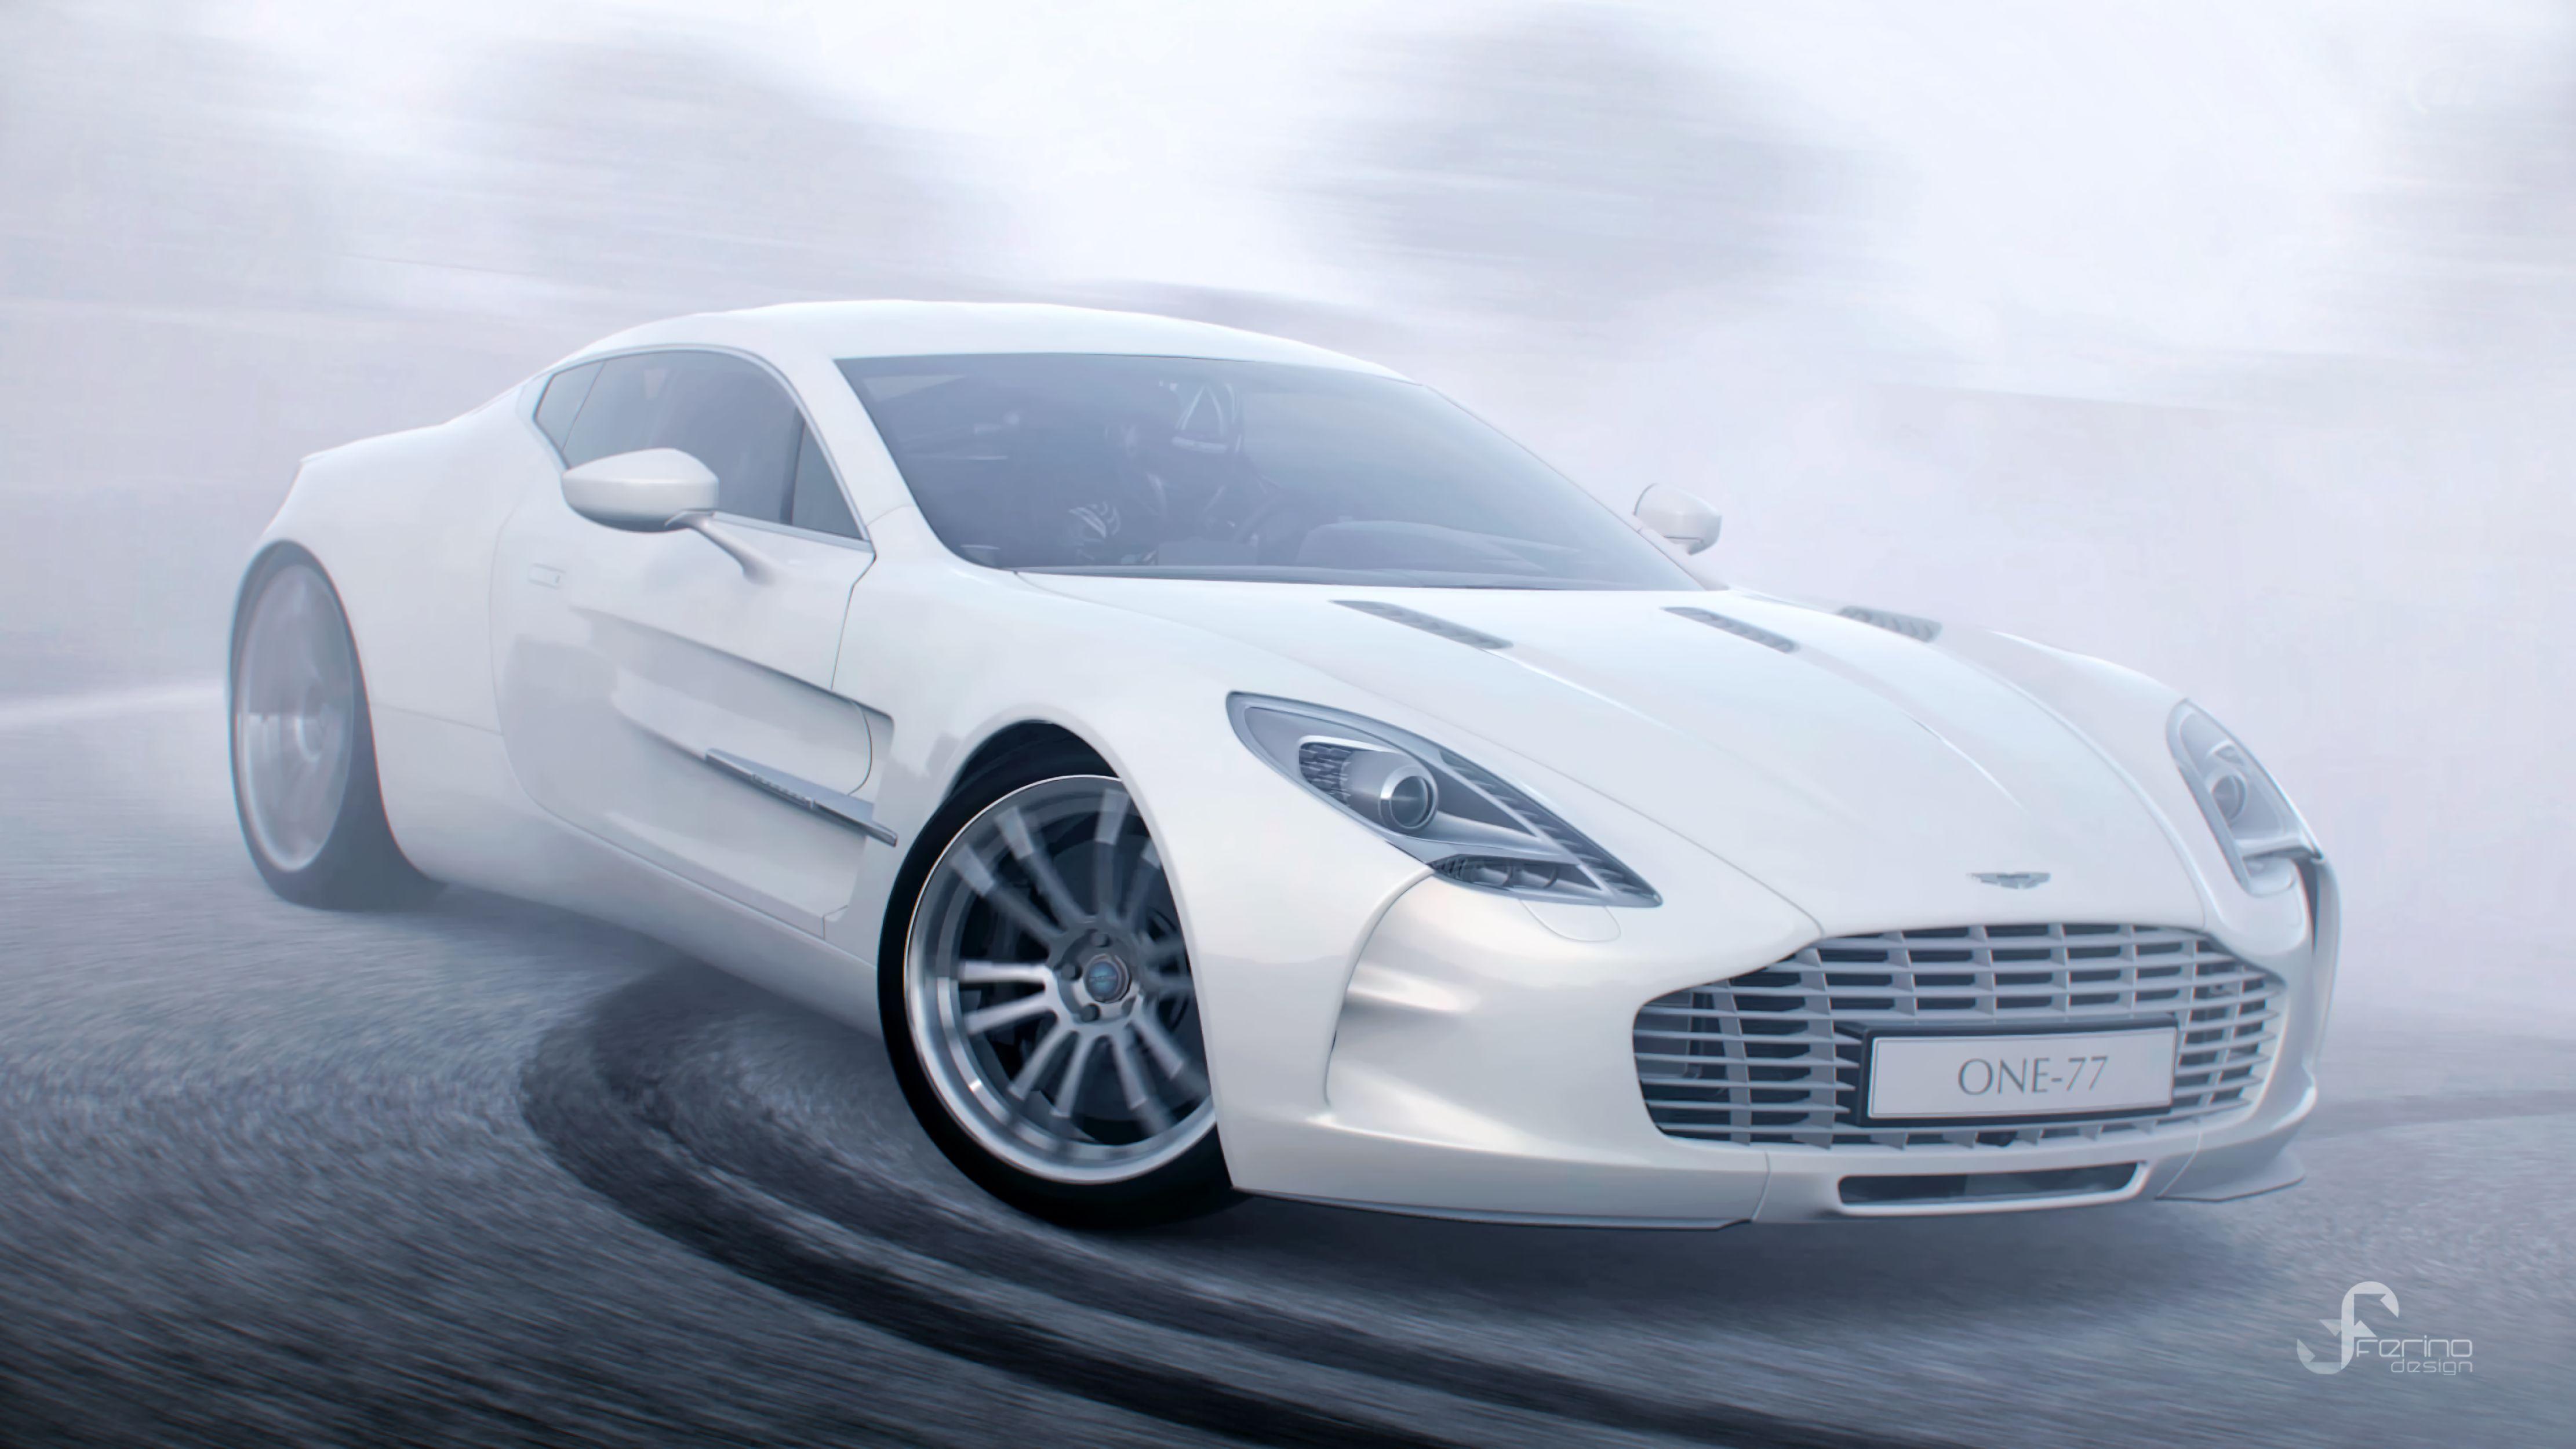 99314 Заставки и Обои Астон Мартин (Aston Martin) на телефон. Скачать Астон Мартин (Aston Martin), Тачки (Cars), Белый, Спорткар, Вид Сбоку, Дрифт, Aston Martin One 77 картинки бесплатно